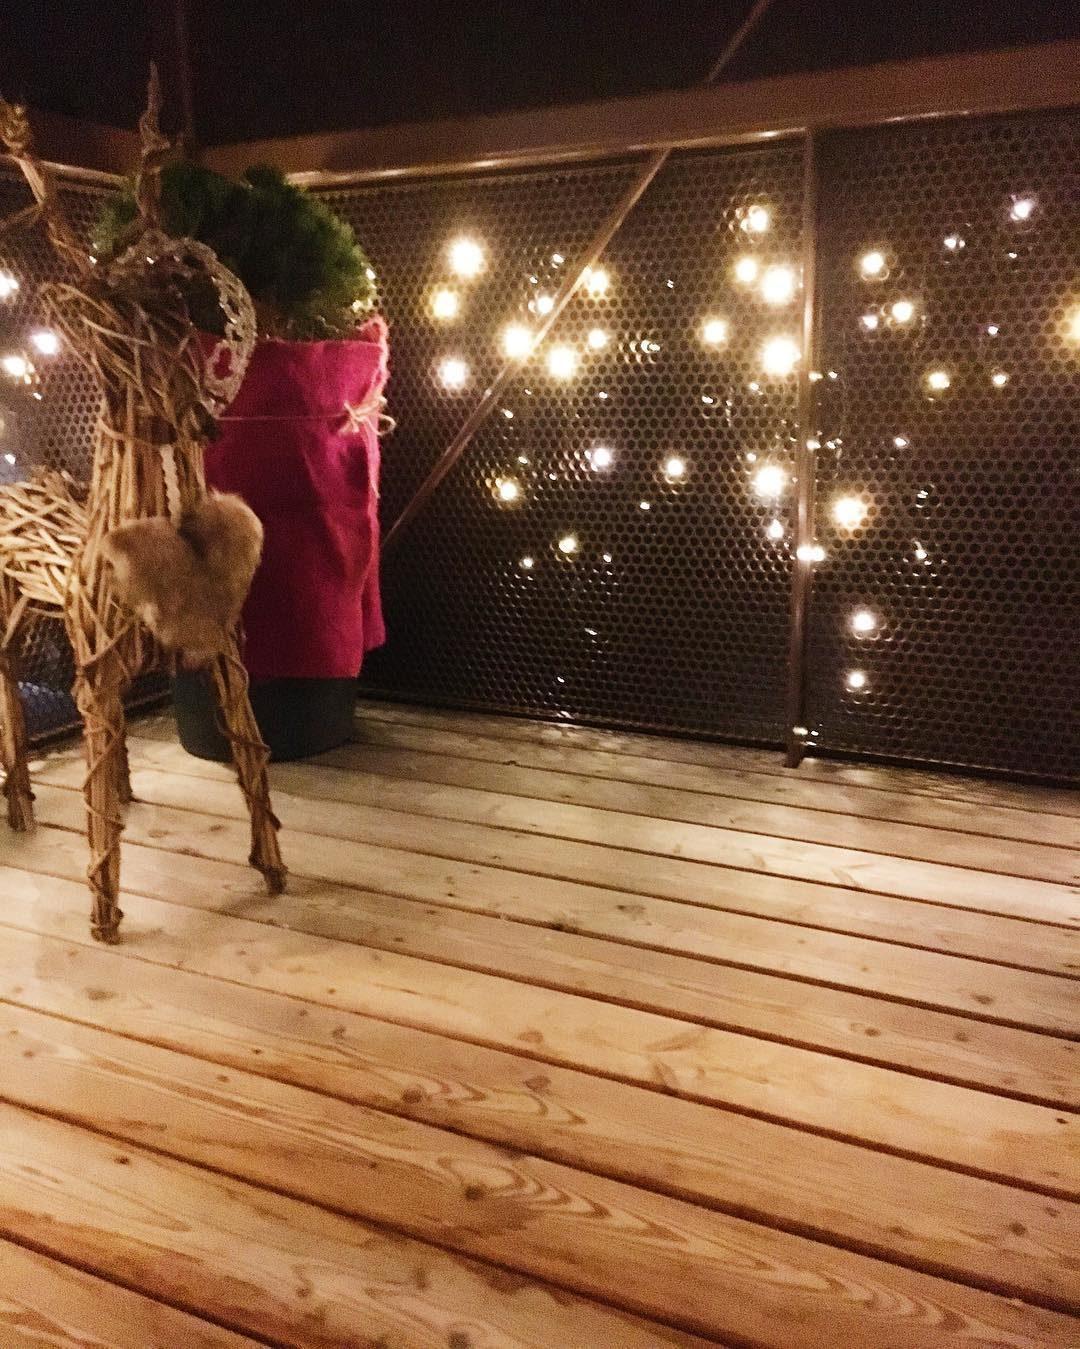 Weihnachtsdeko österreich.Interior Inspiration Weihnachten Ist Nahe Life Full Of